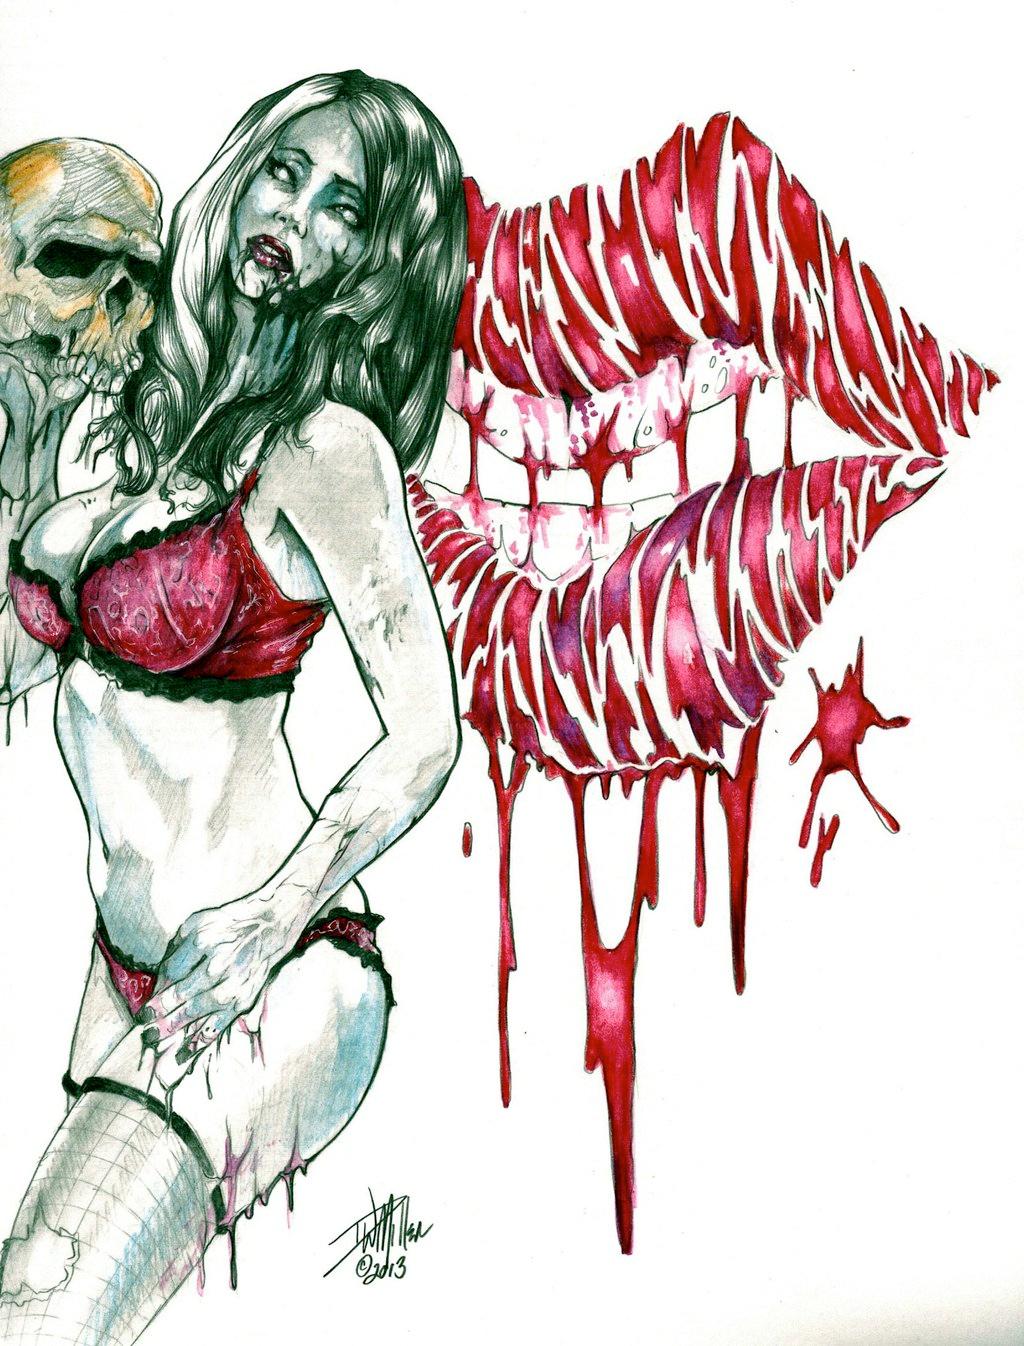 Zombie Tramp - D.W. Miller